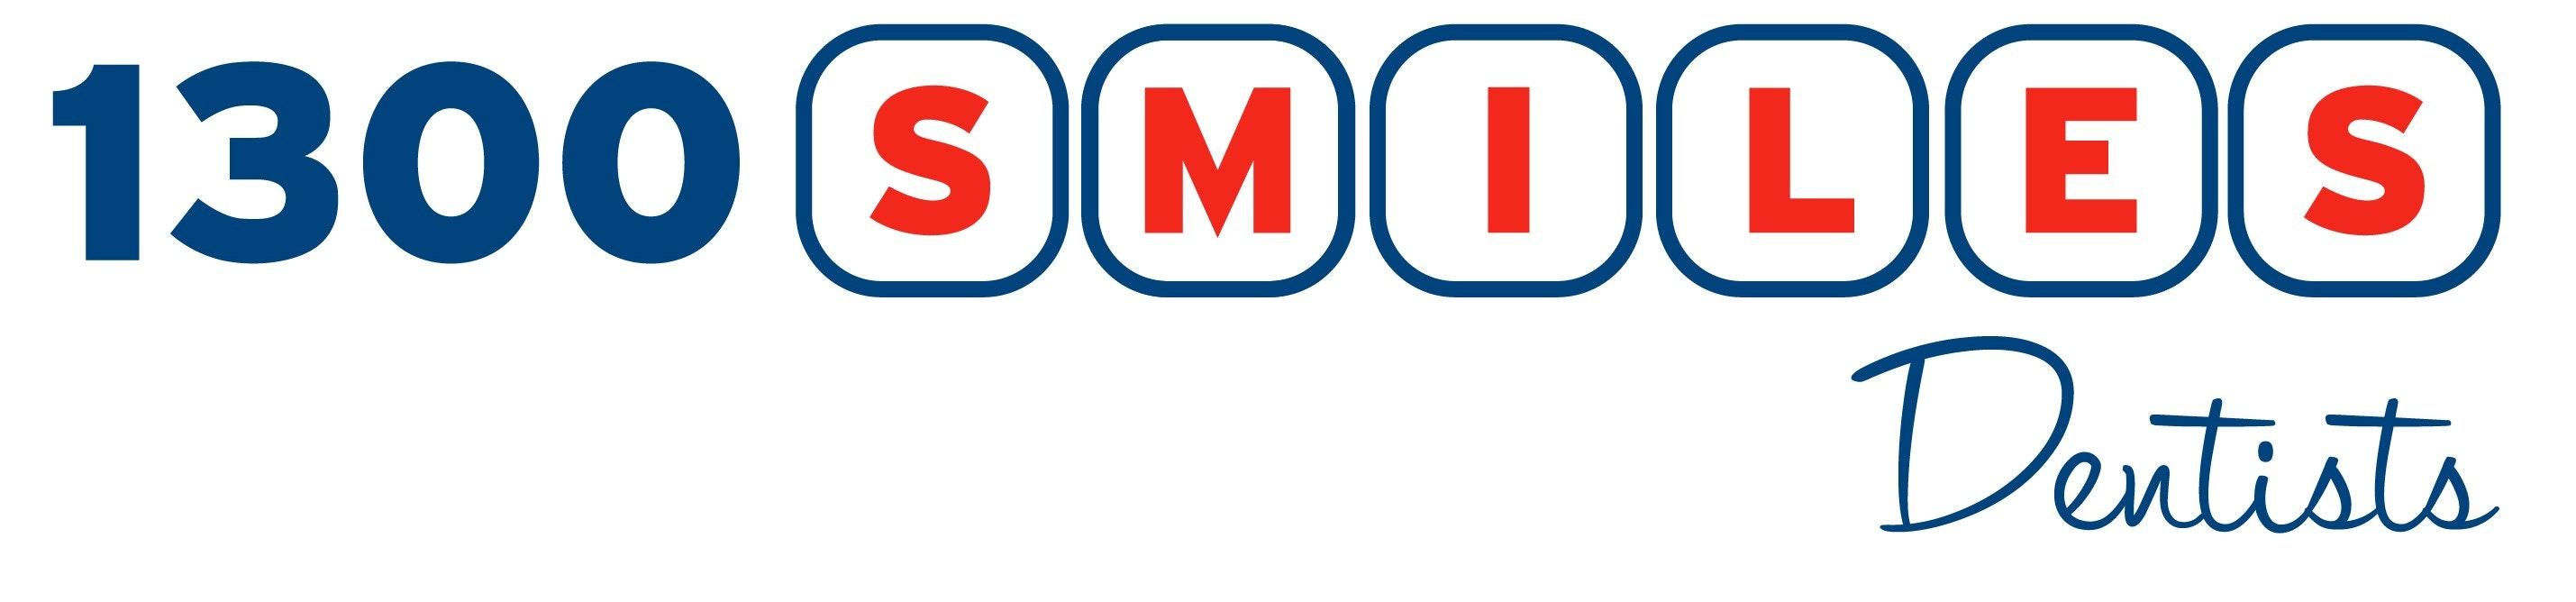 logo for 1300 Smiles - Belgian Gardens Dentists